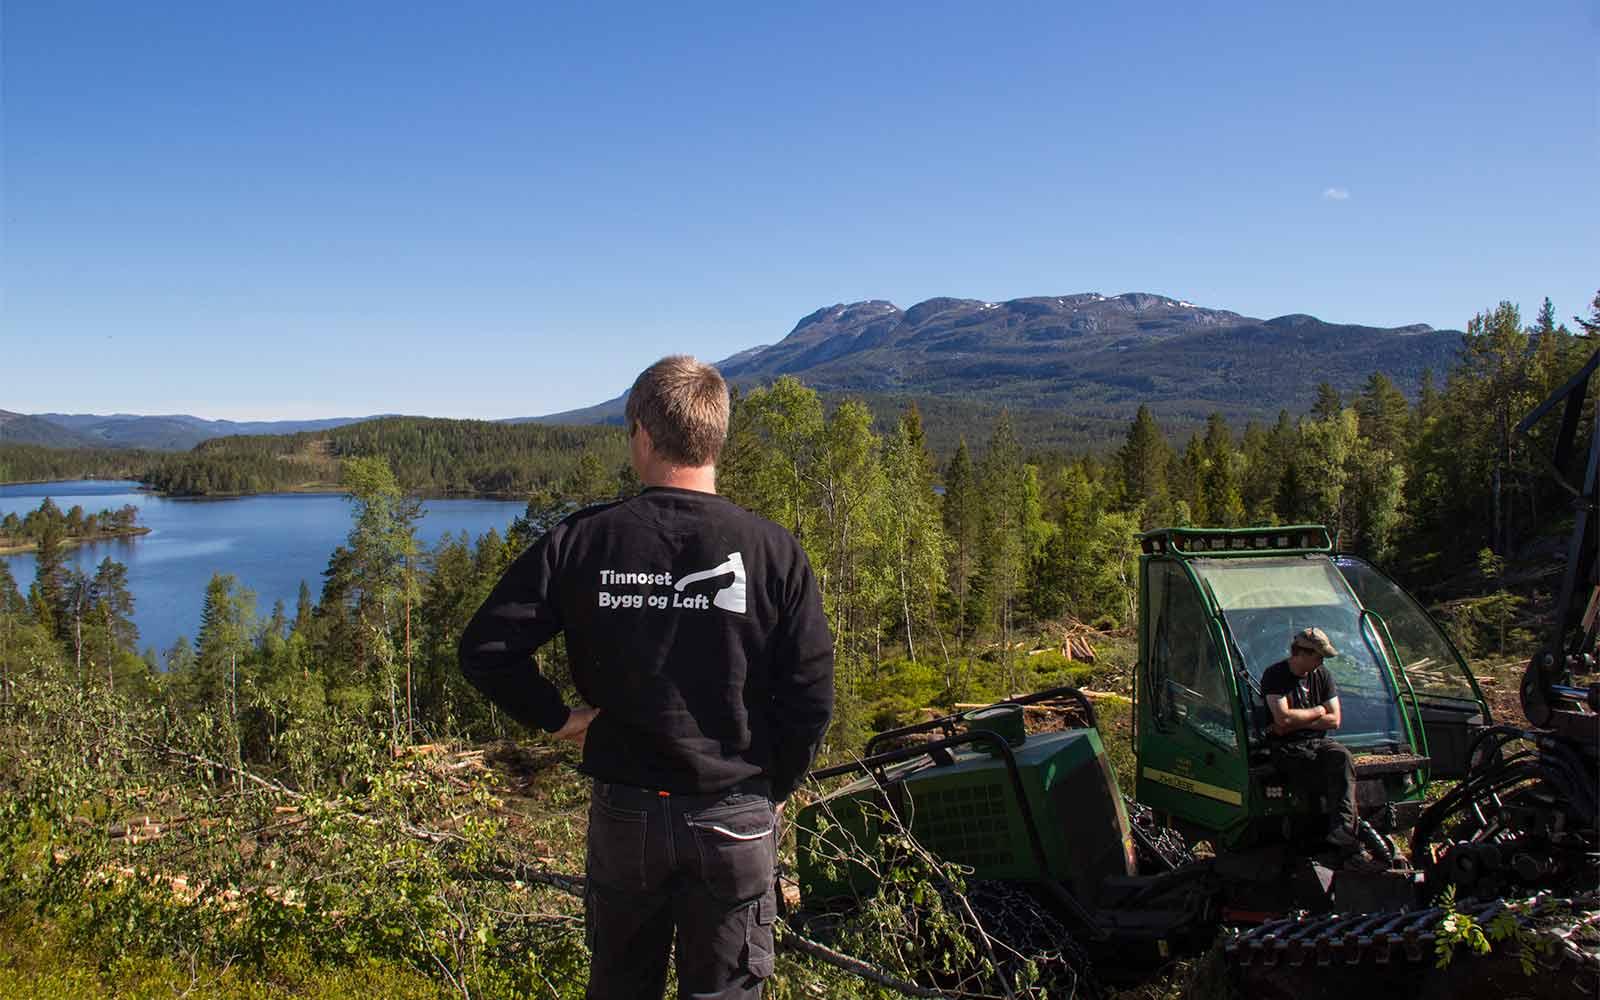 Tinnoset Sag Tinnoset Bygg og Laft Unik Beliggenhet Skogdistrikt Telemark